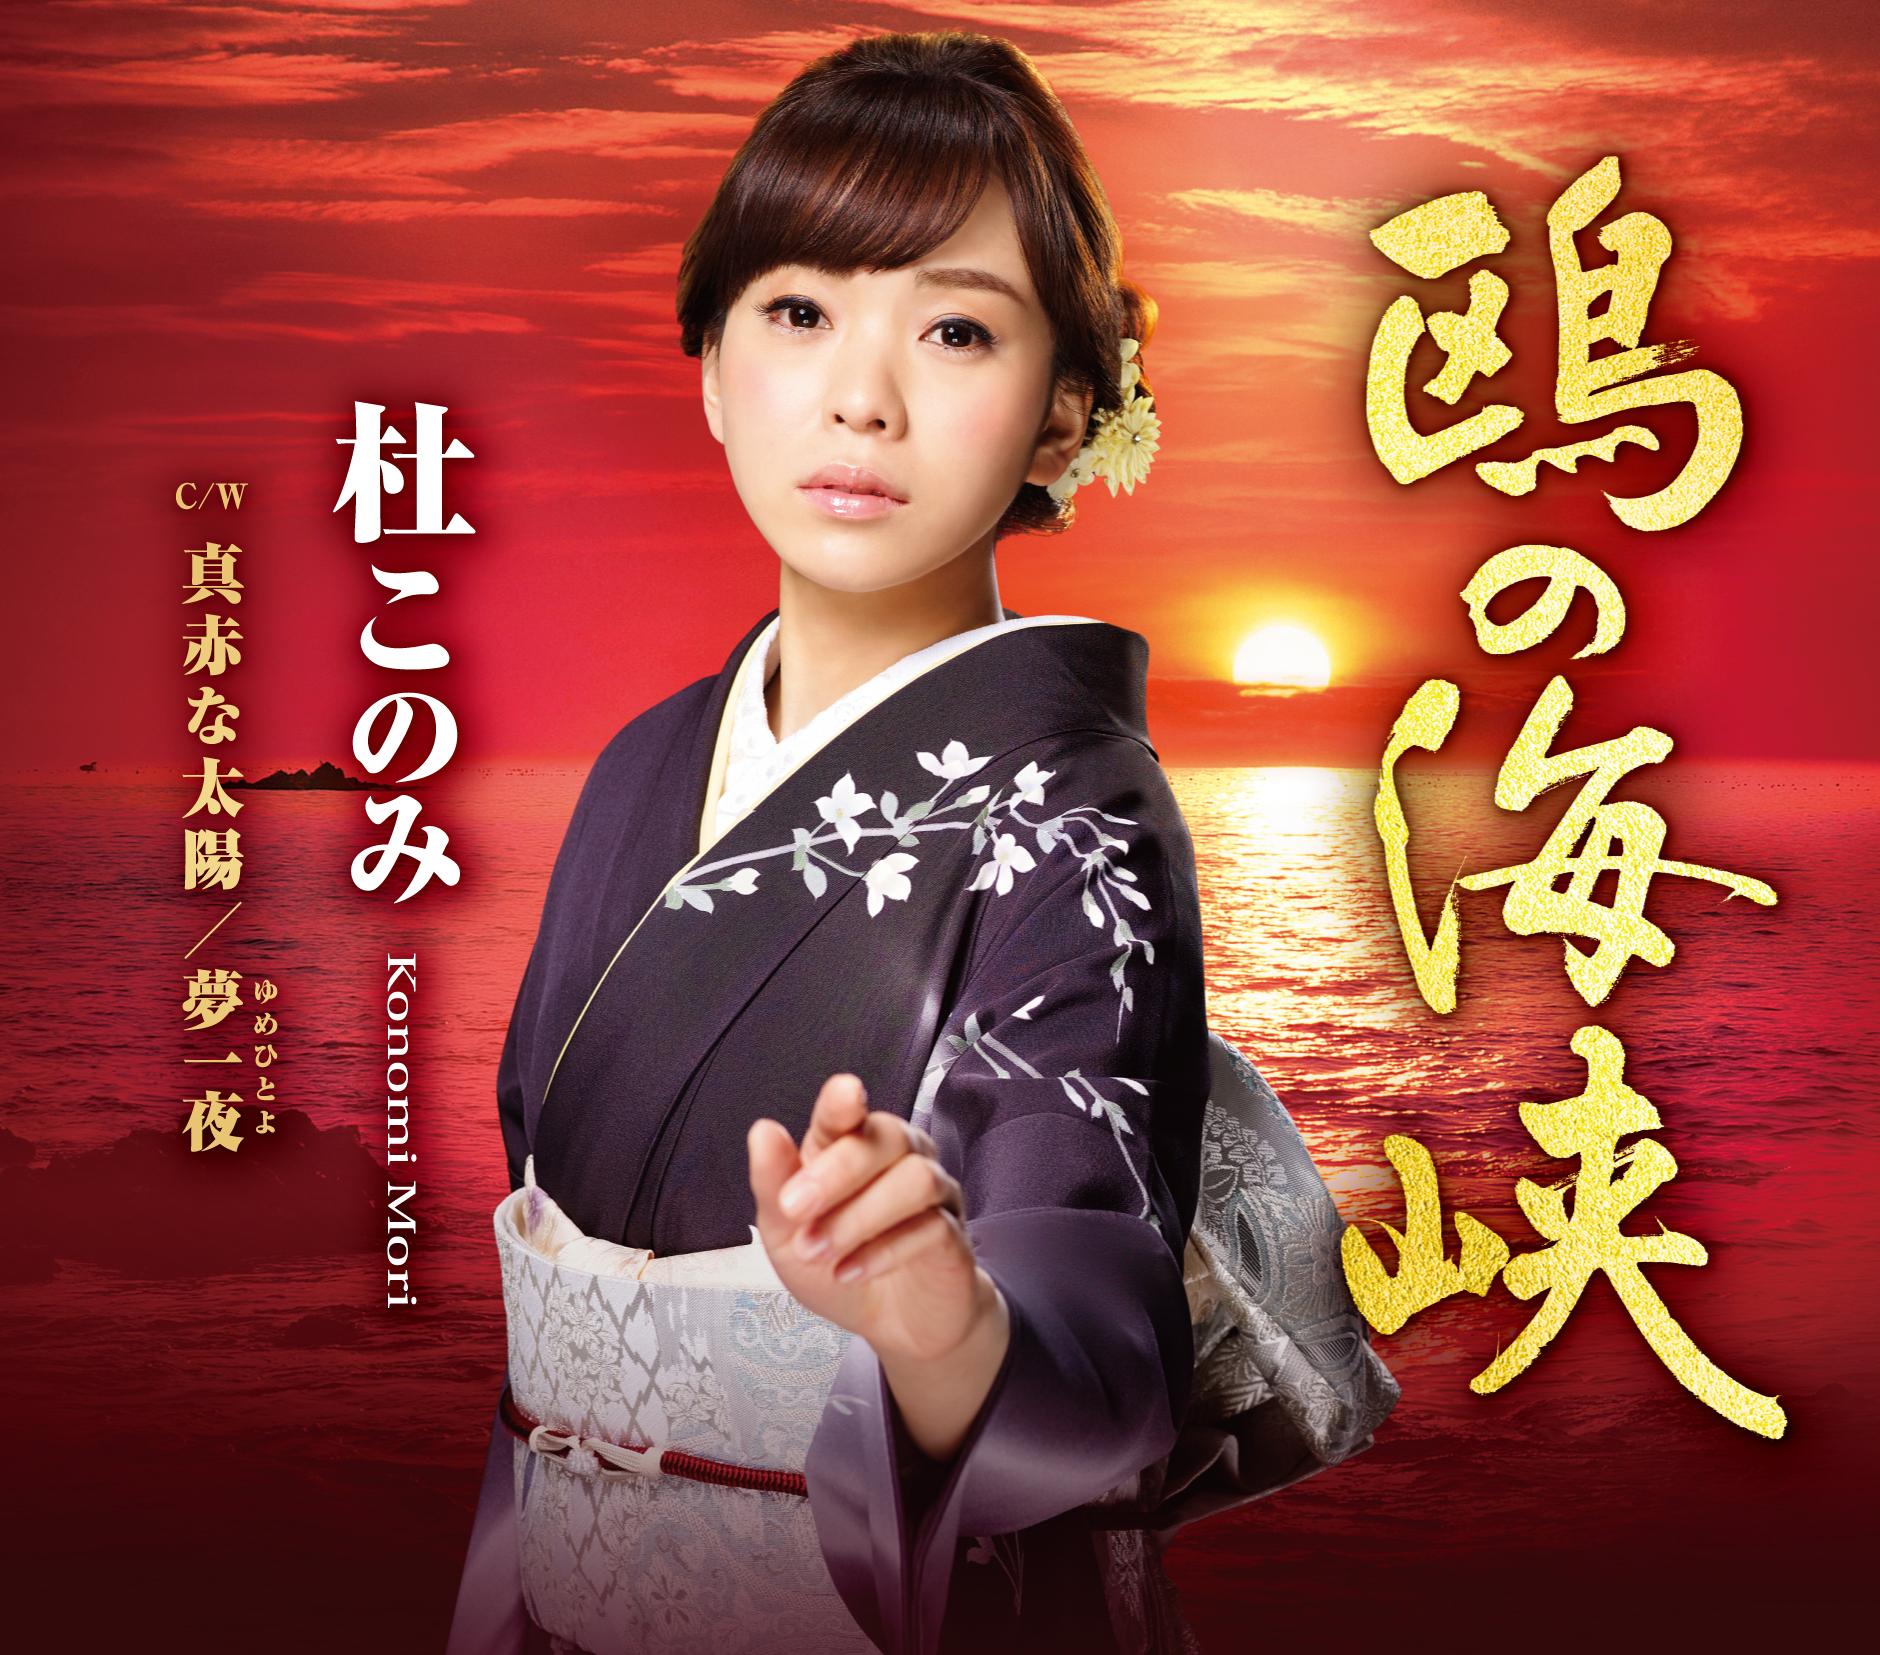 「夢一夜」の動画・レビュー                  杜このみ                杜このみ 人気歌詞ランキング BEST5